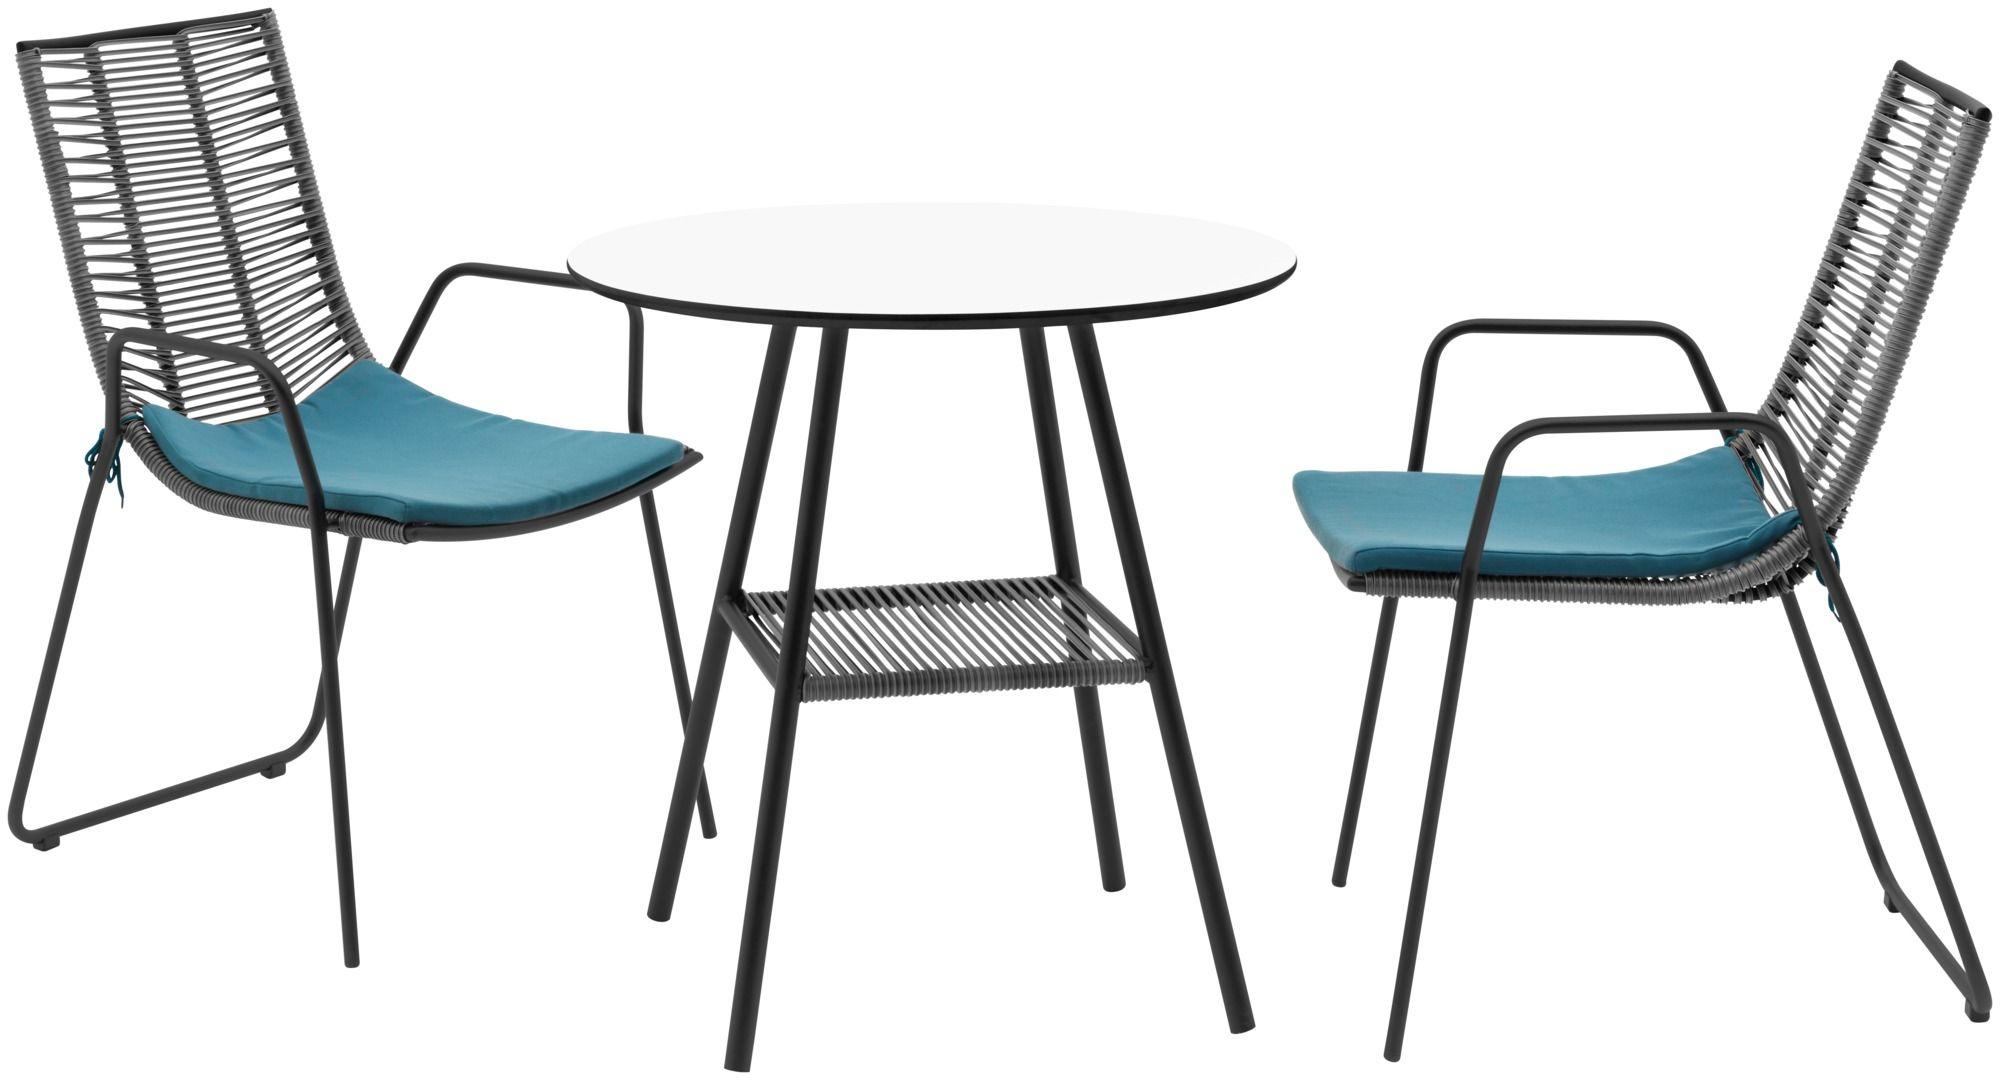 Gartenmbel online kaufen simple shine tisch teak jetzt - Boconcept liege ...